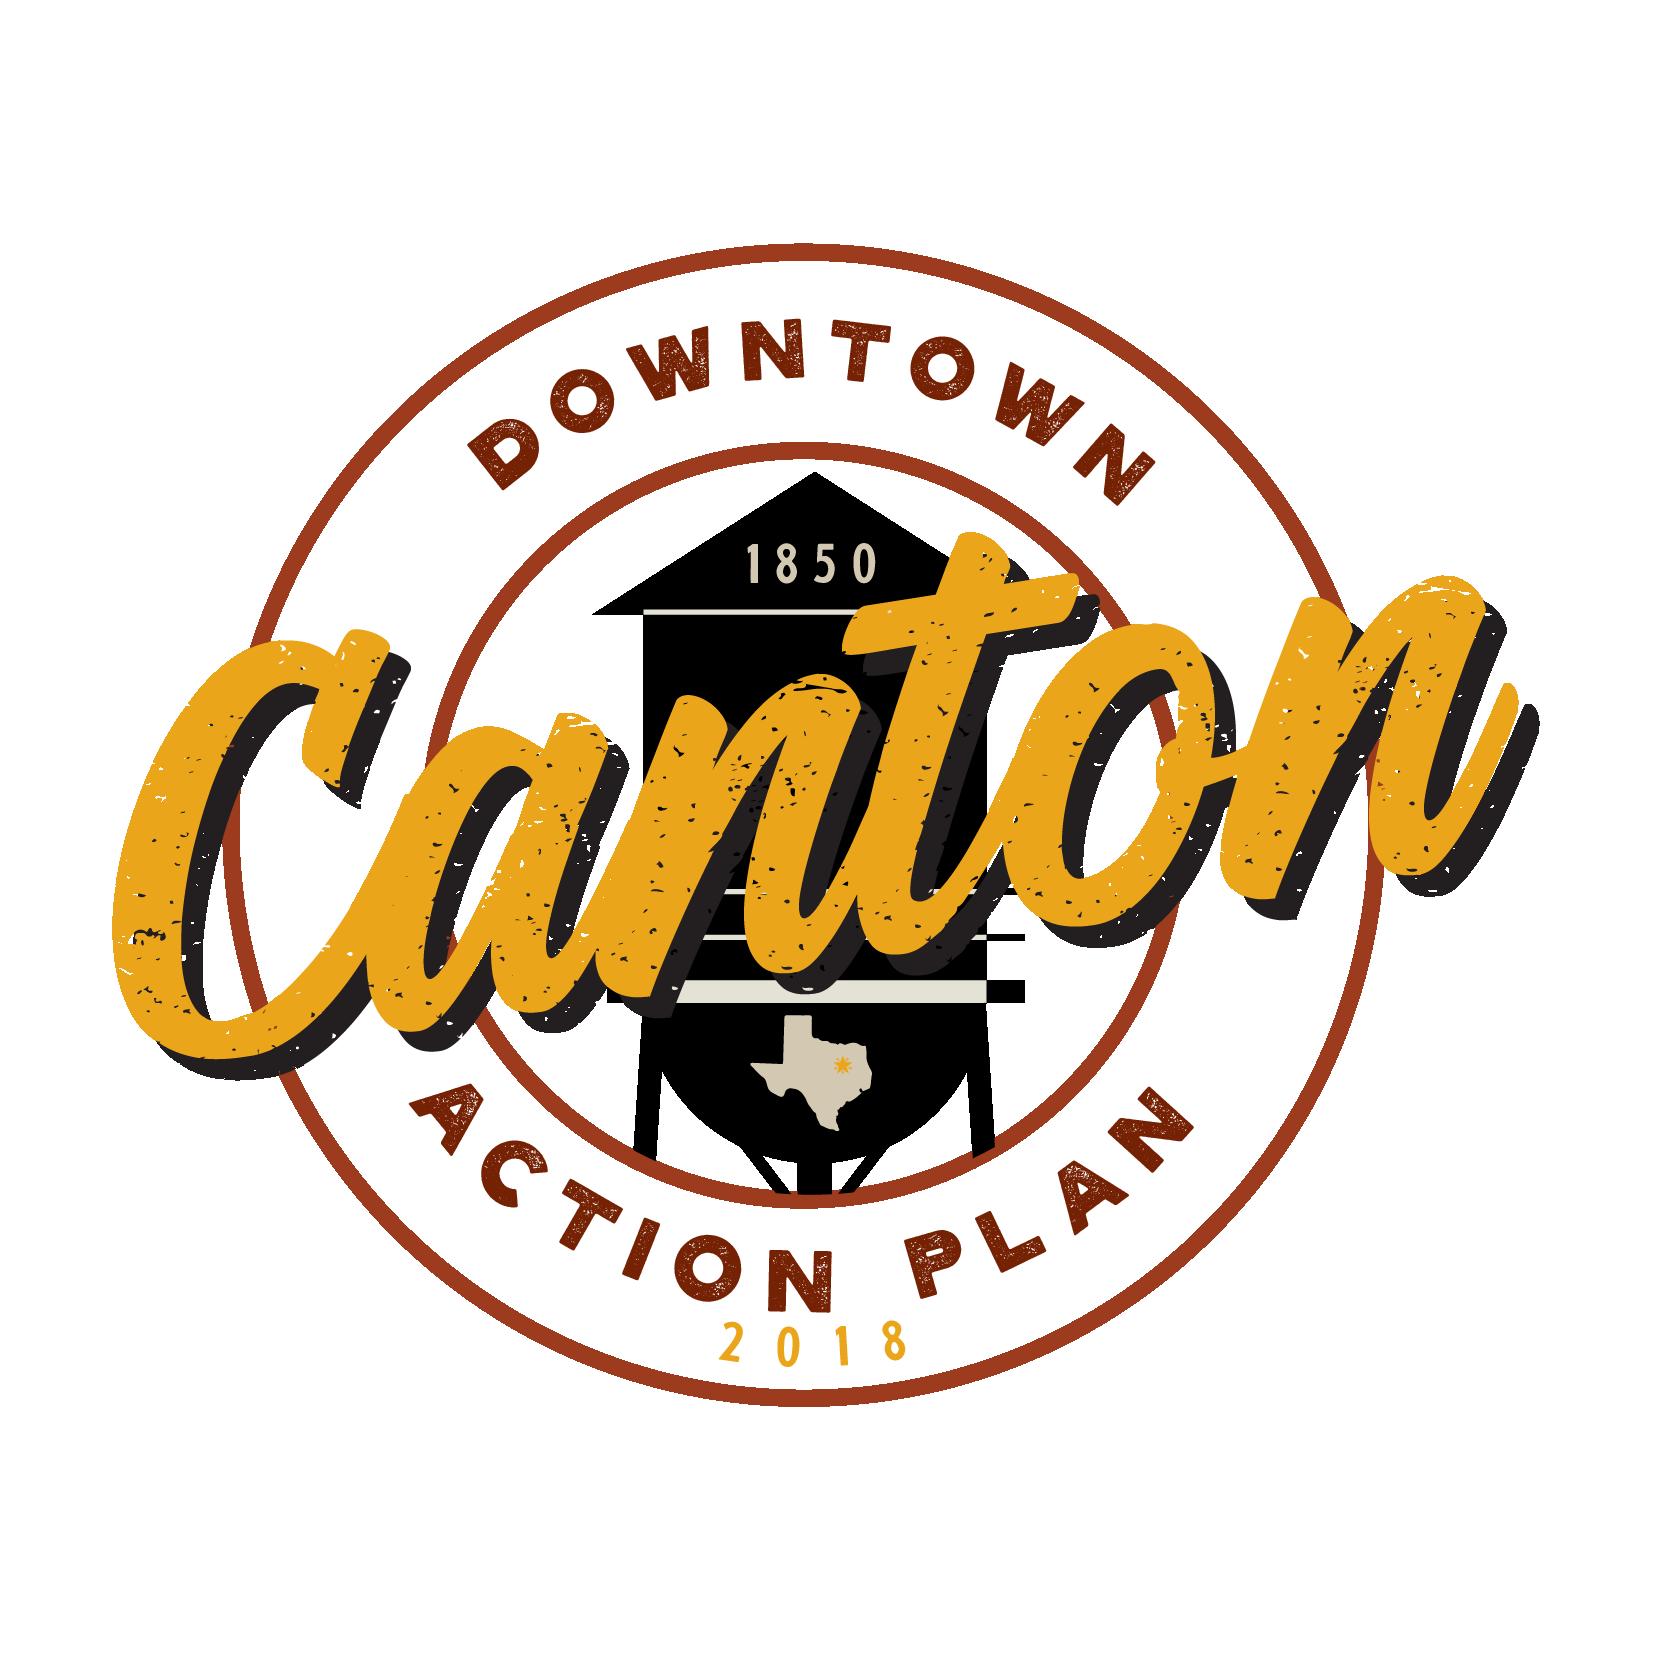 CantonActionPlanLogo-09 (1).png